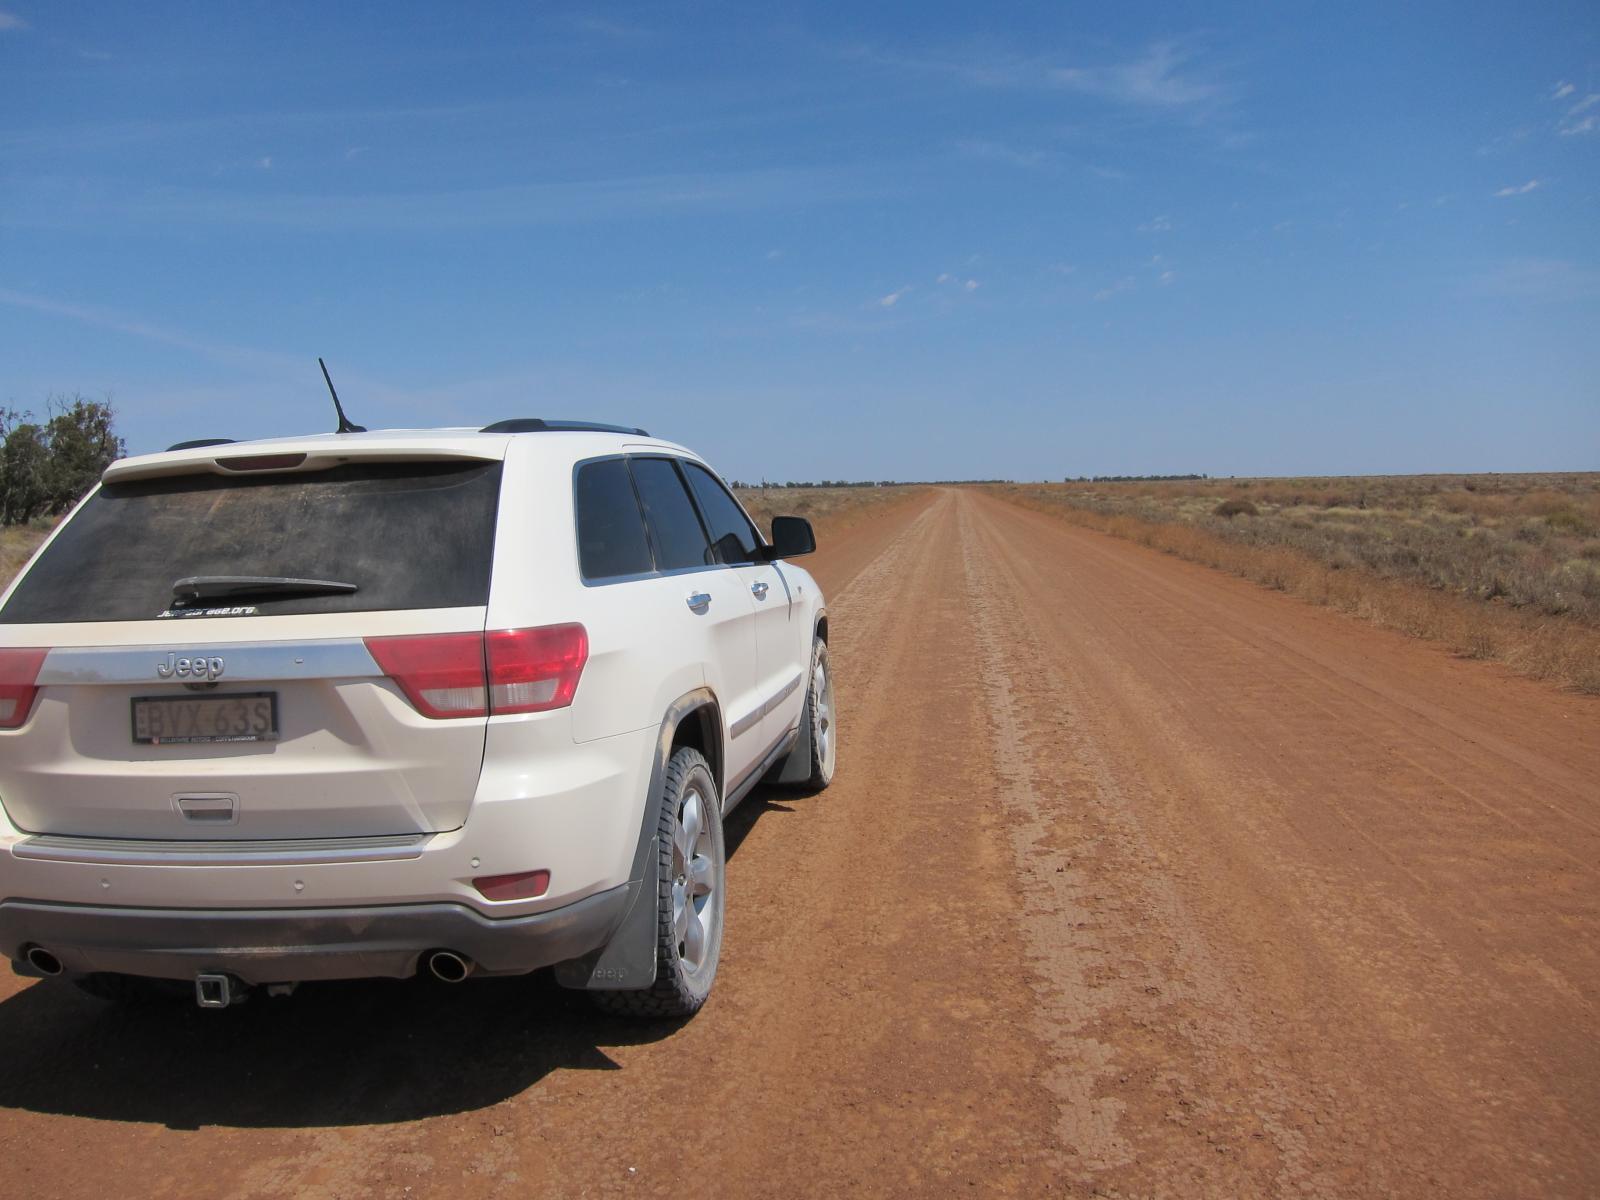 Headed towards Broken Hill....Aero mode all the way...